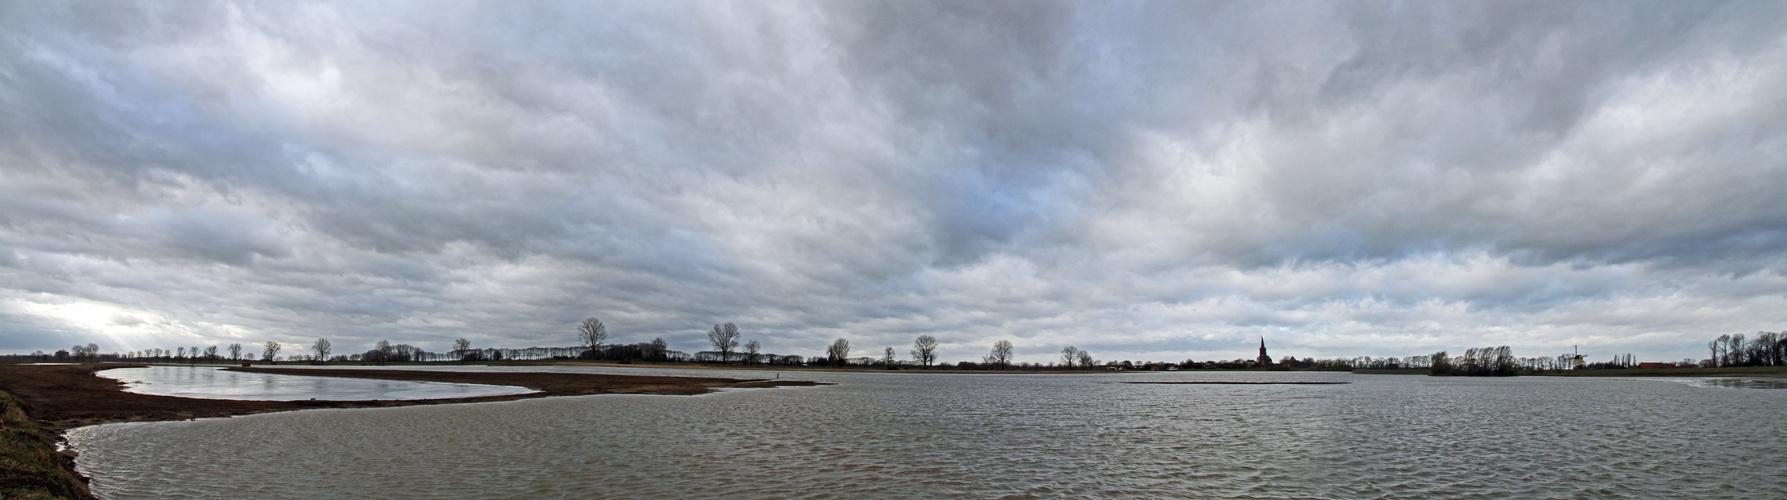 Batenburg (near Wijchen)_Netherlands